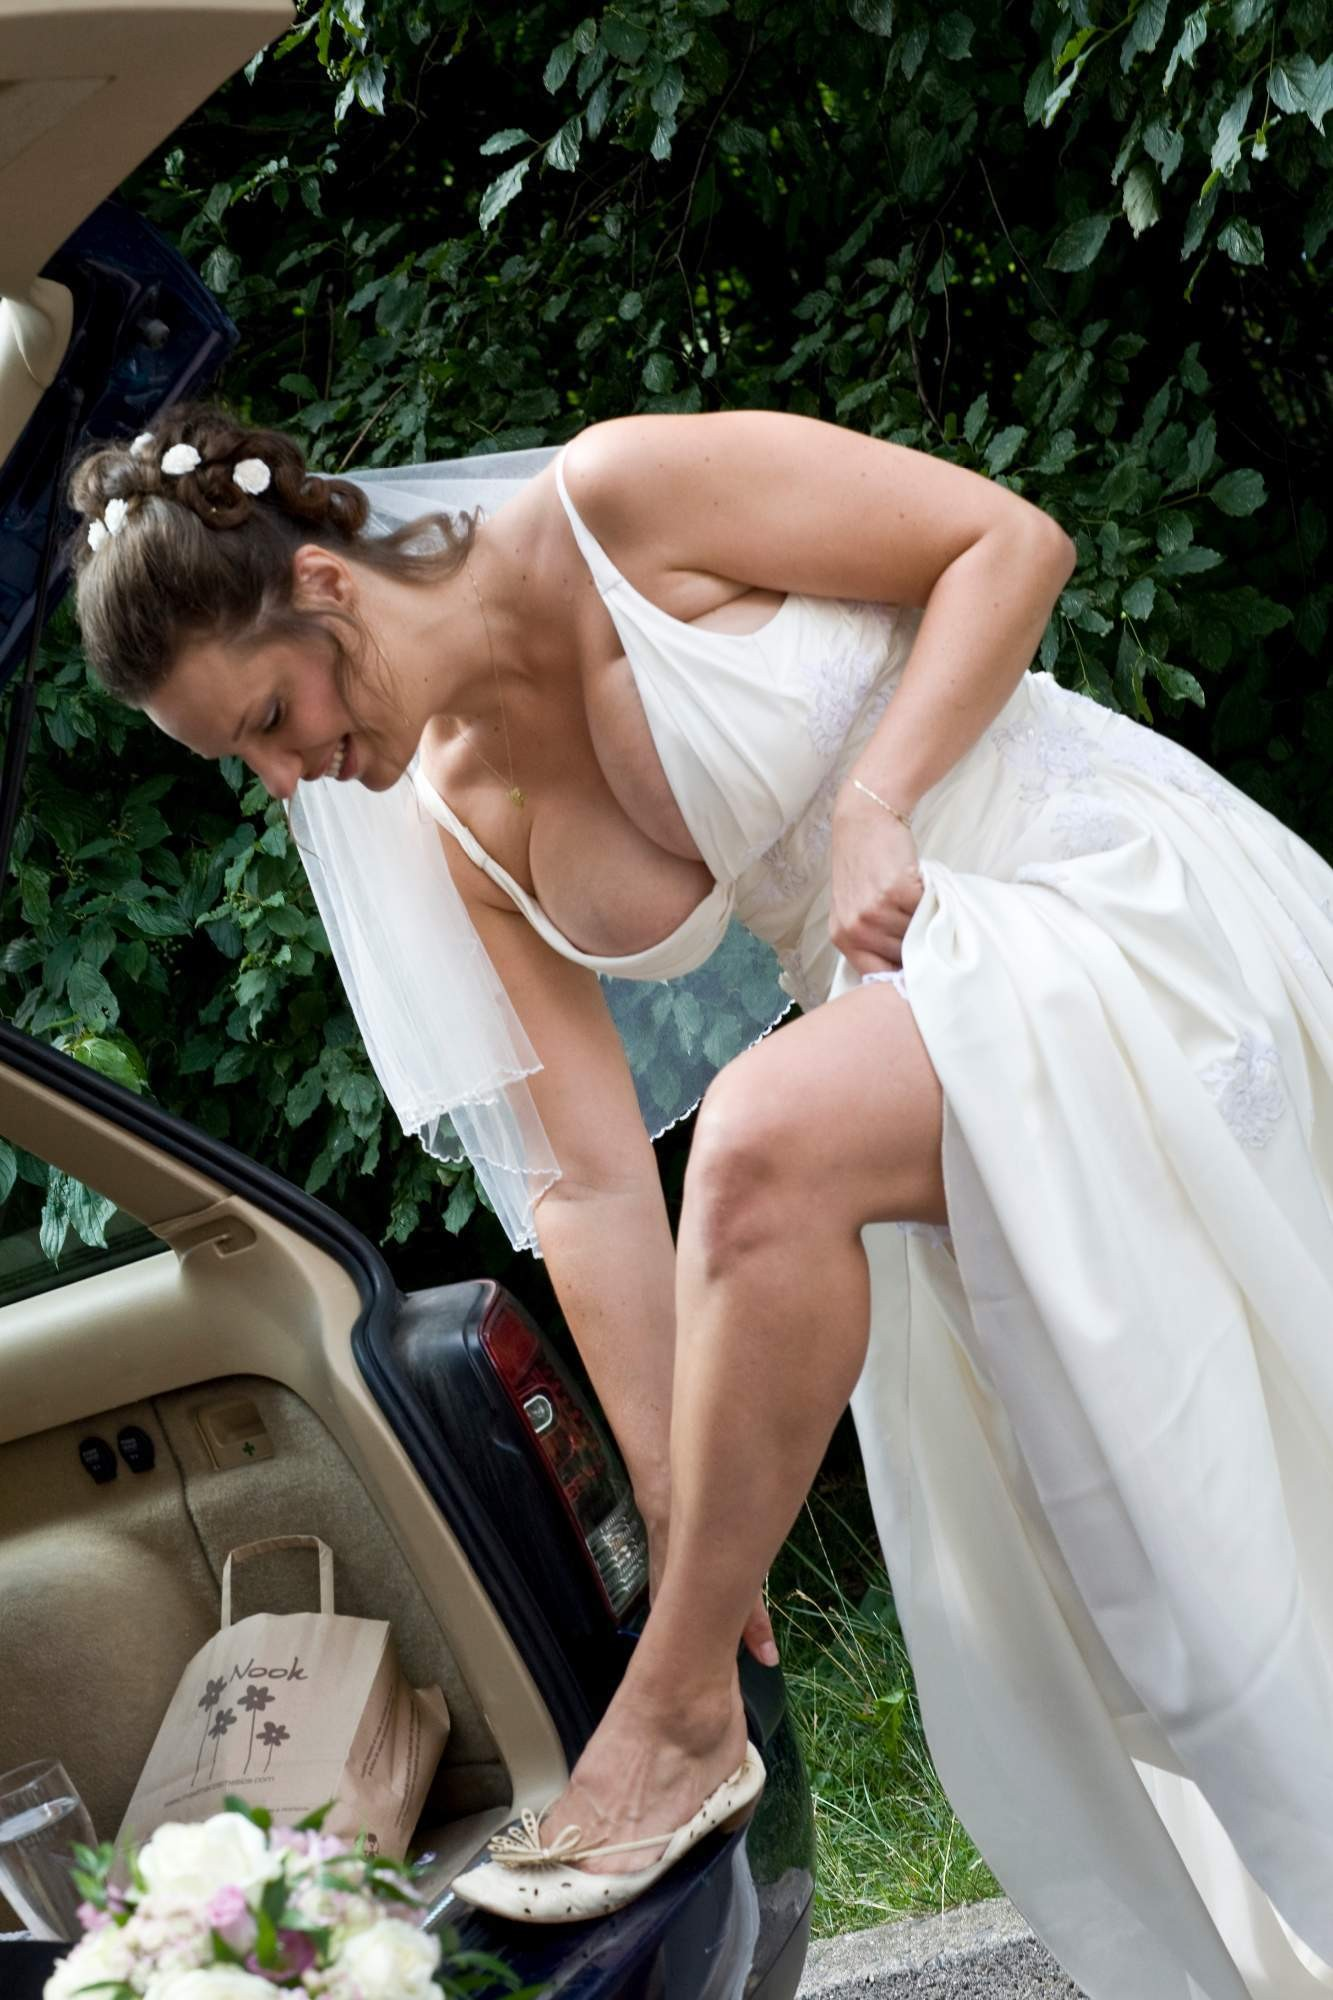 結婚式でおっぱい(乳首)が見れる確率80パーセントwwwwwwwwwwwwwwww・28枚目